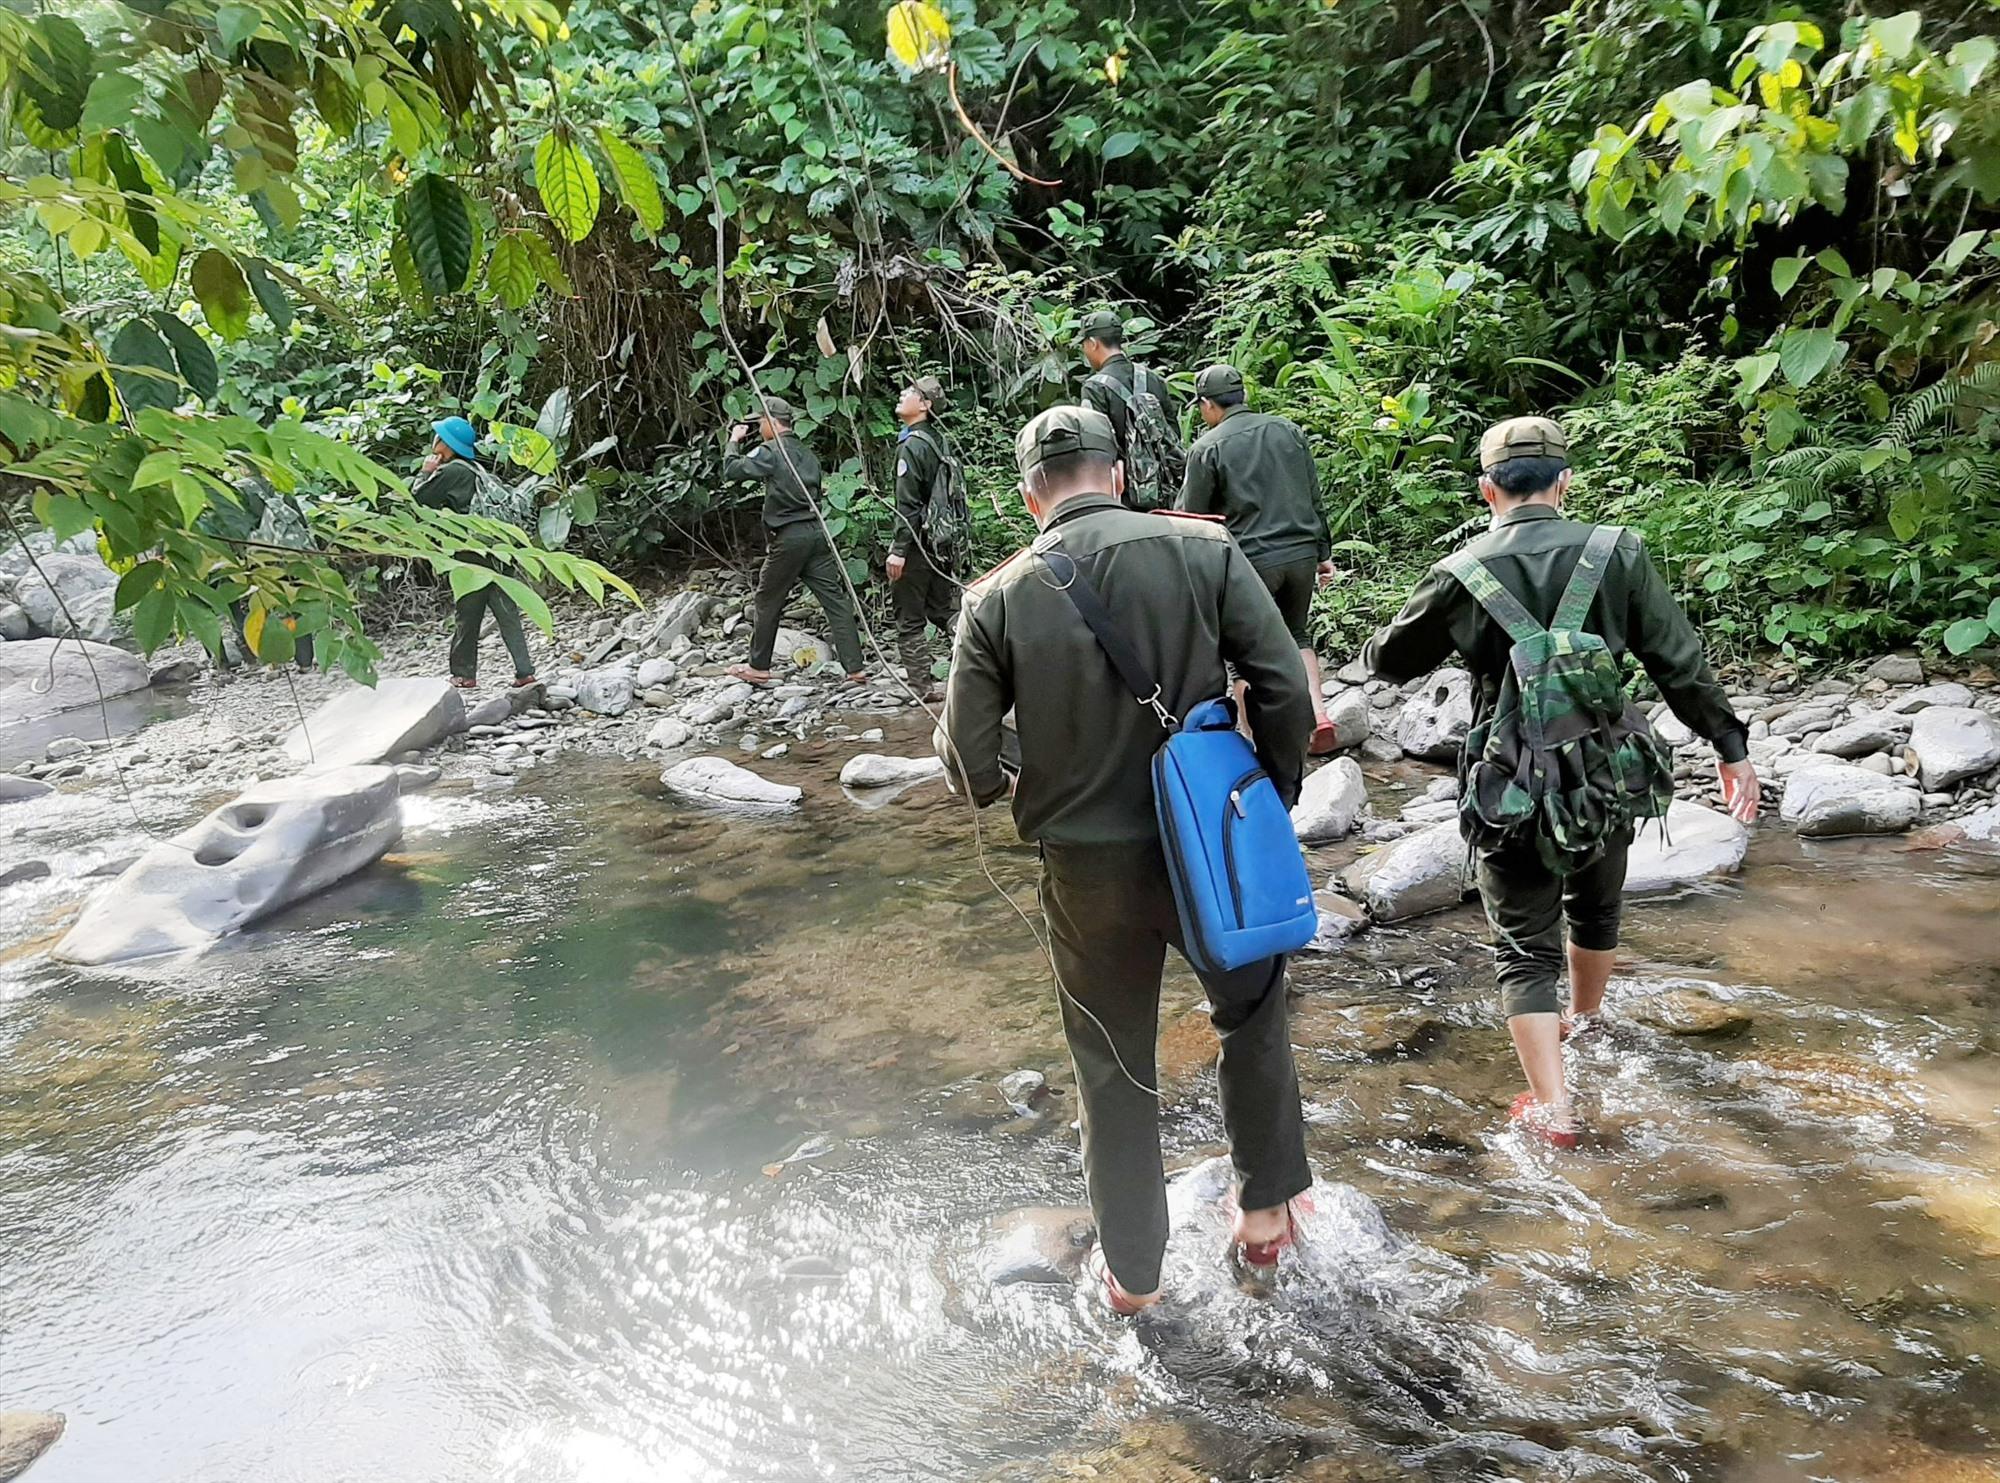 Thường xuyên tổ chức tuần tra, kiểm soát giúp lực lượng bảo vệ rừng Nam Giang giữ an toàn địa phận quản lý trong mùa khô. Ảnh: ALĂNG NGƯỚC